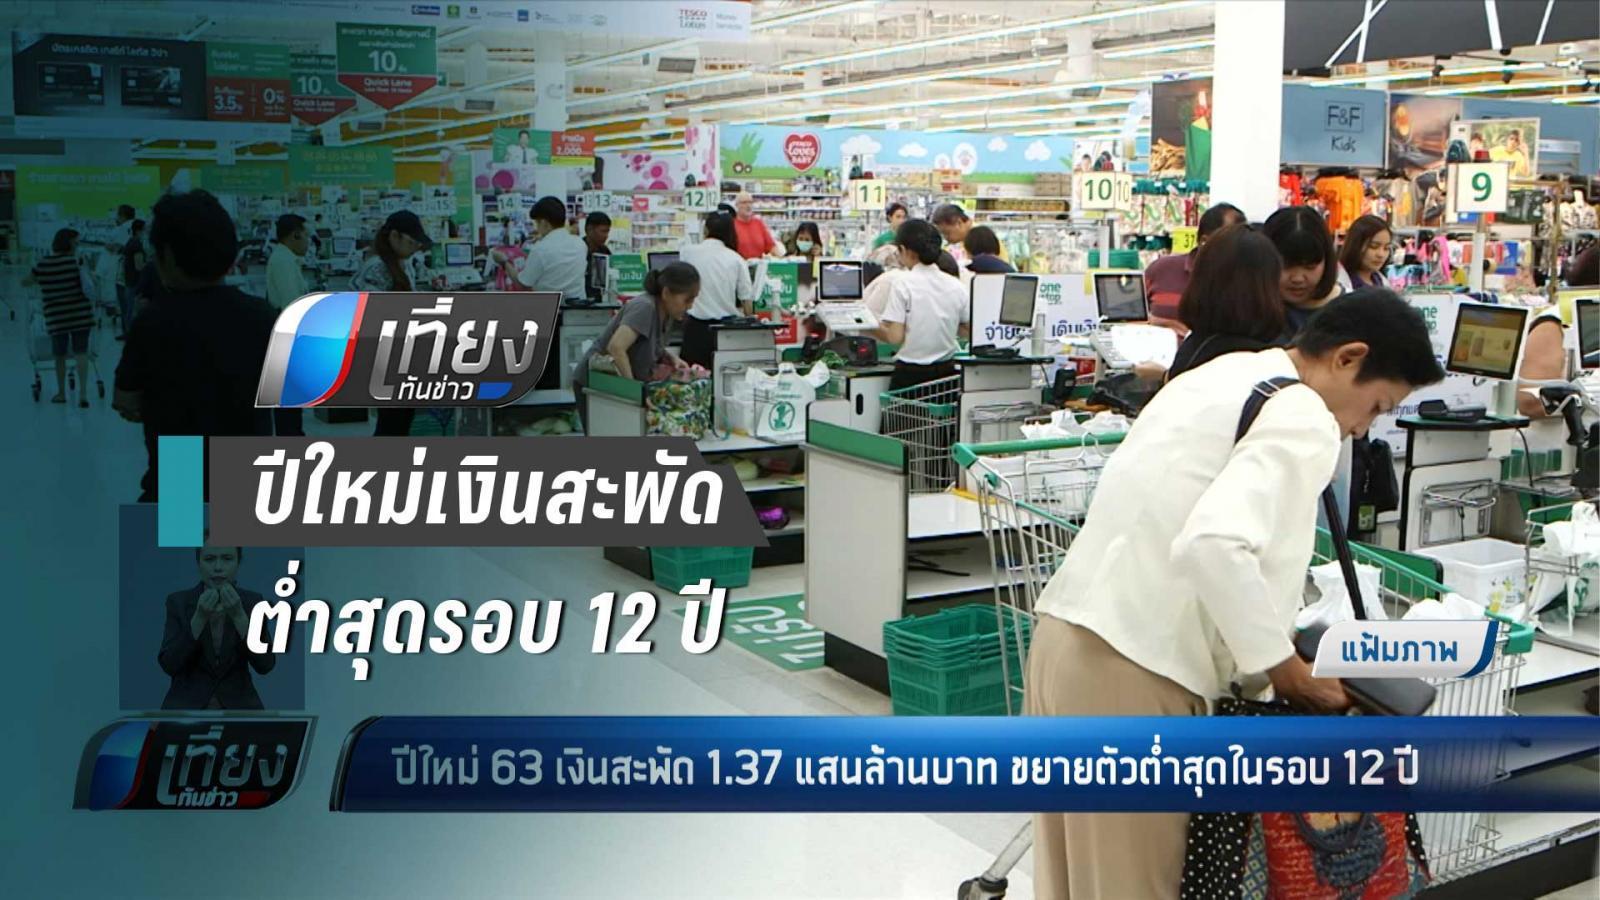 ม.หอการค้าไทย คาดปีใหม่ 63 เงินสะพัด 1.37 แสนล้านบาท ขยายตัวต่ำสุดรอบ 12 ปี